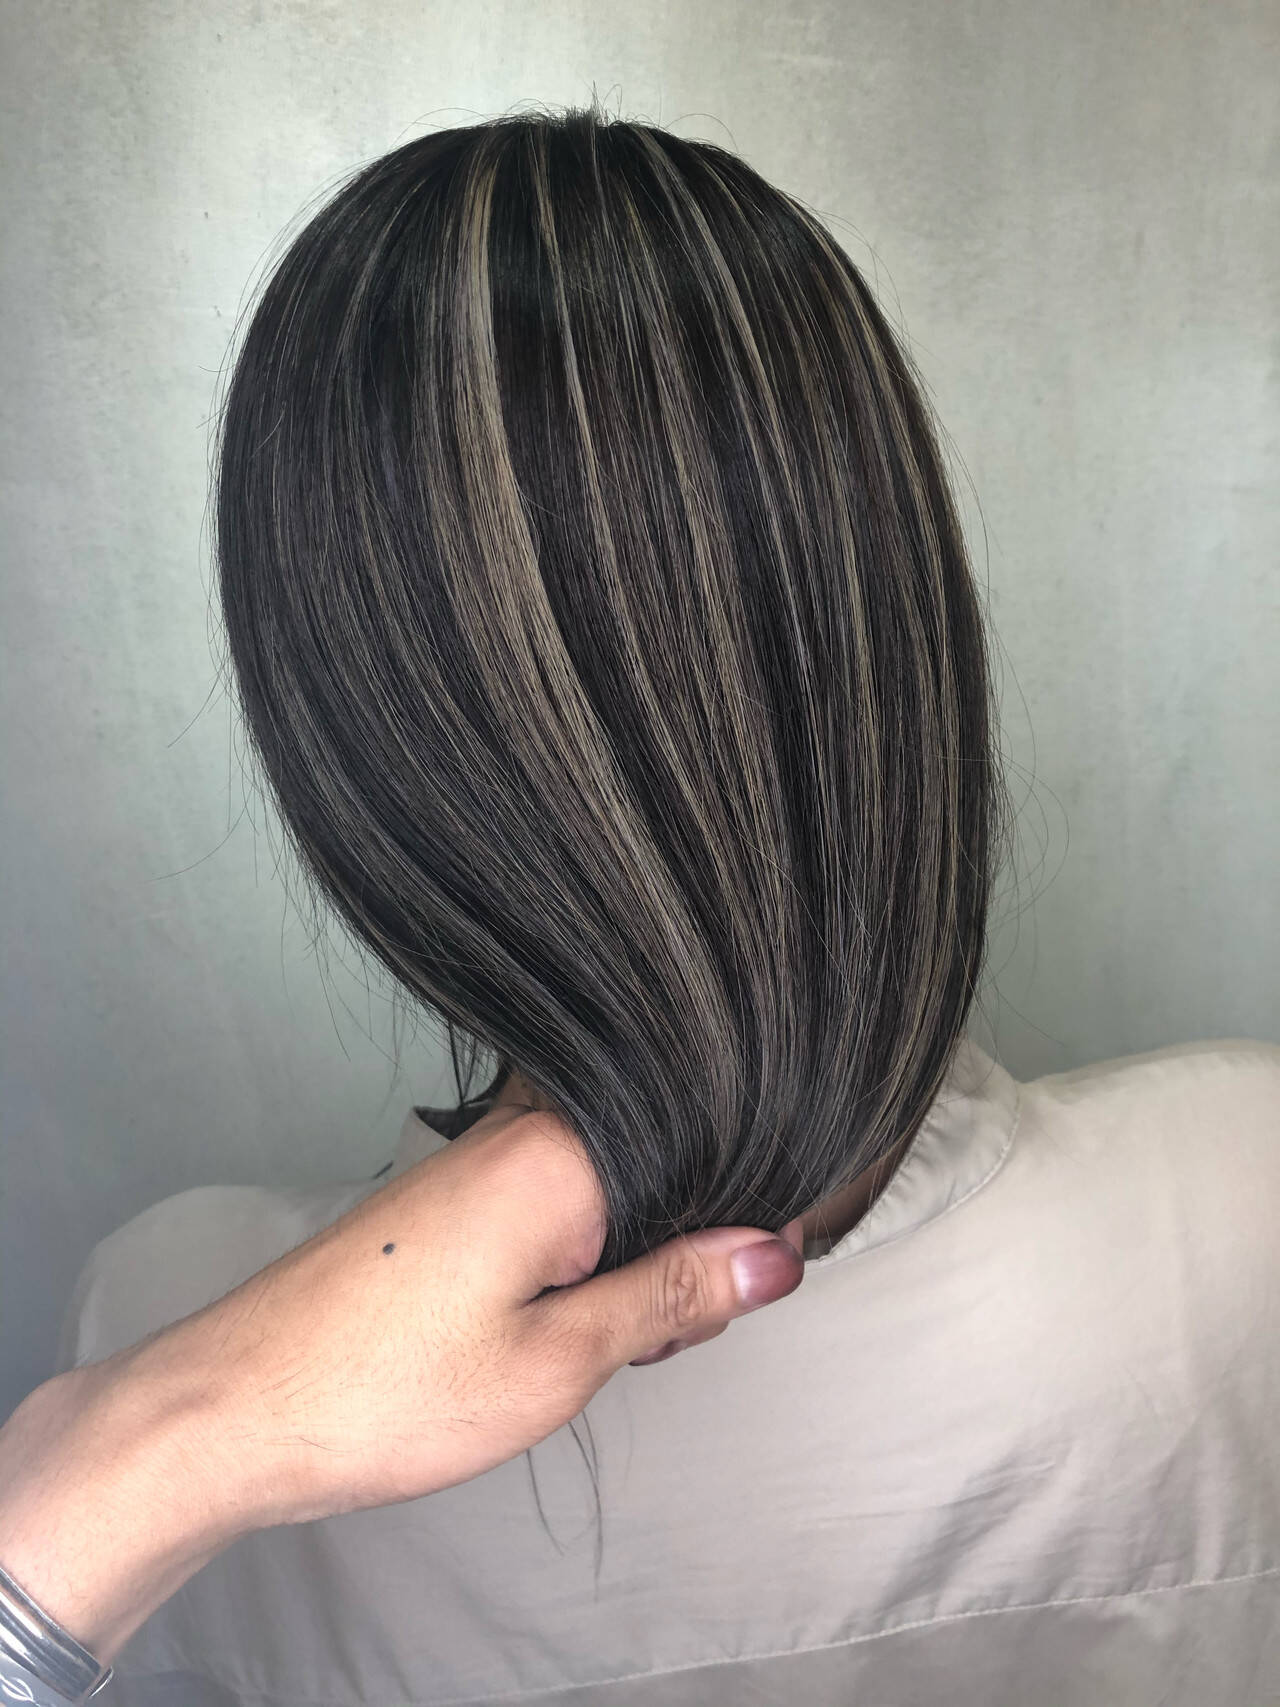 ハイライト 3Dハイライト 大人ハイライト ナチュラルヘアスタイルや髪型の写真・画像